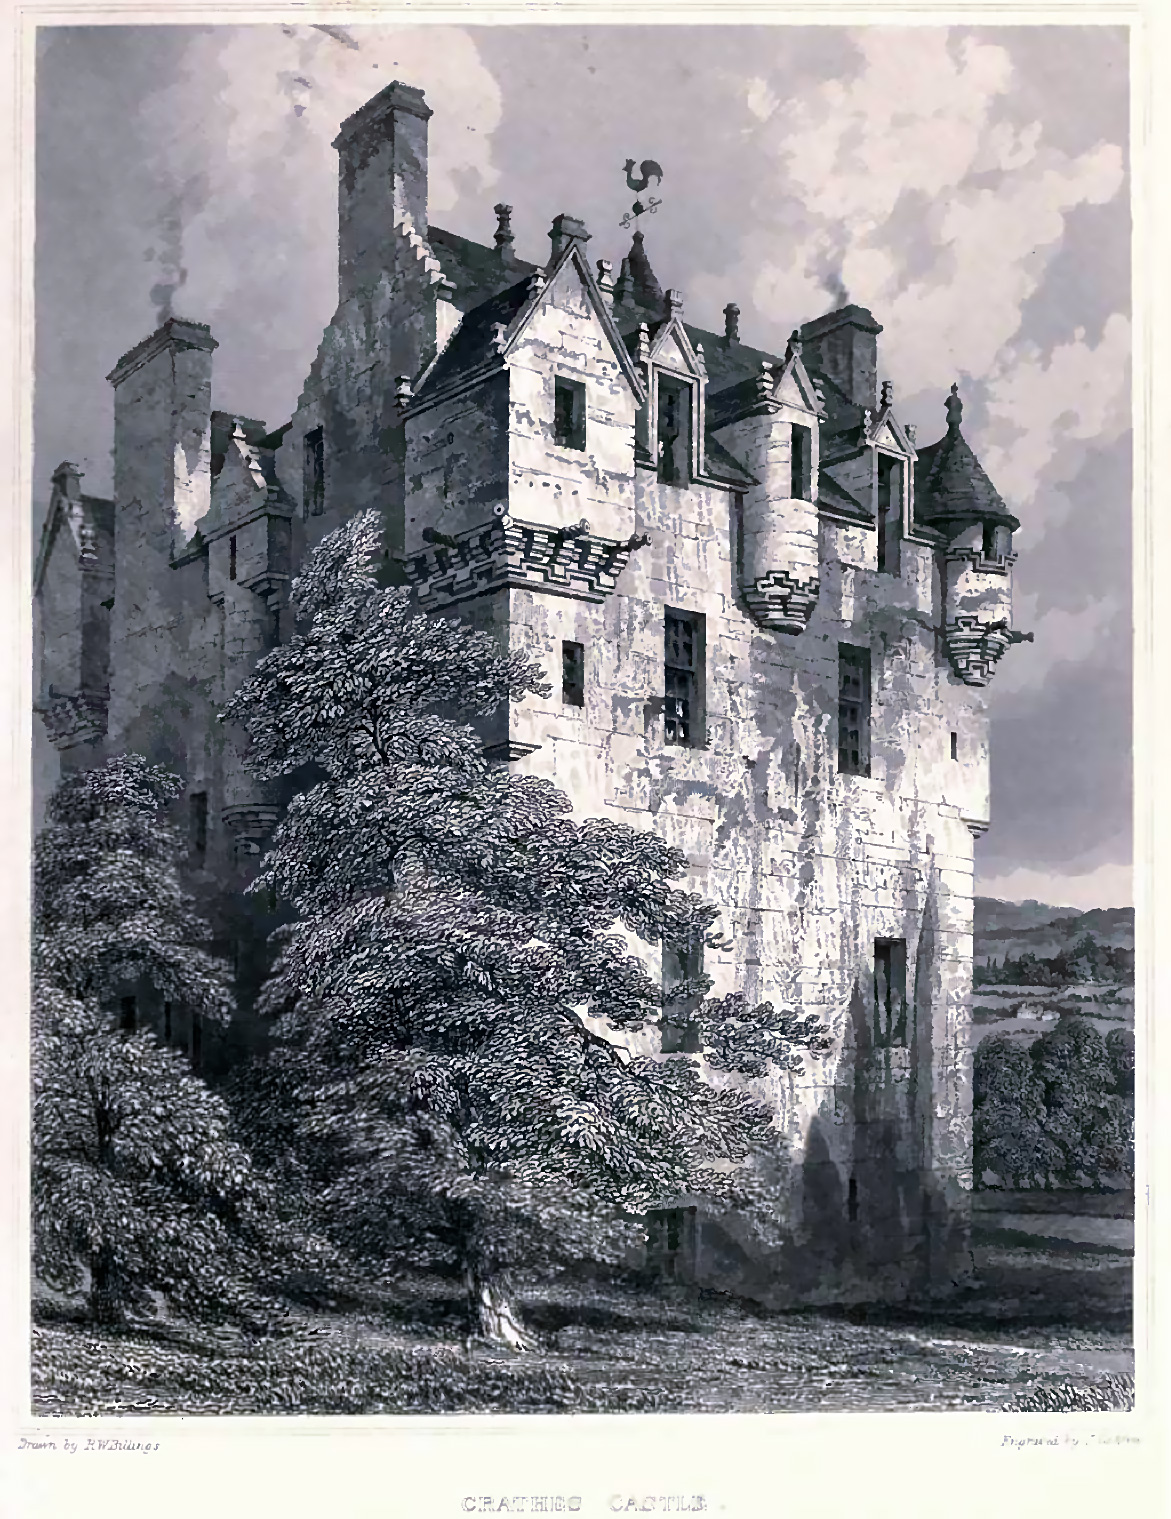 Картинки старинных замков в графике